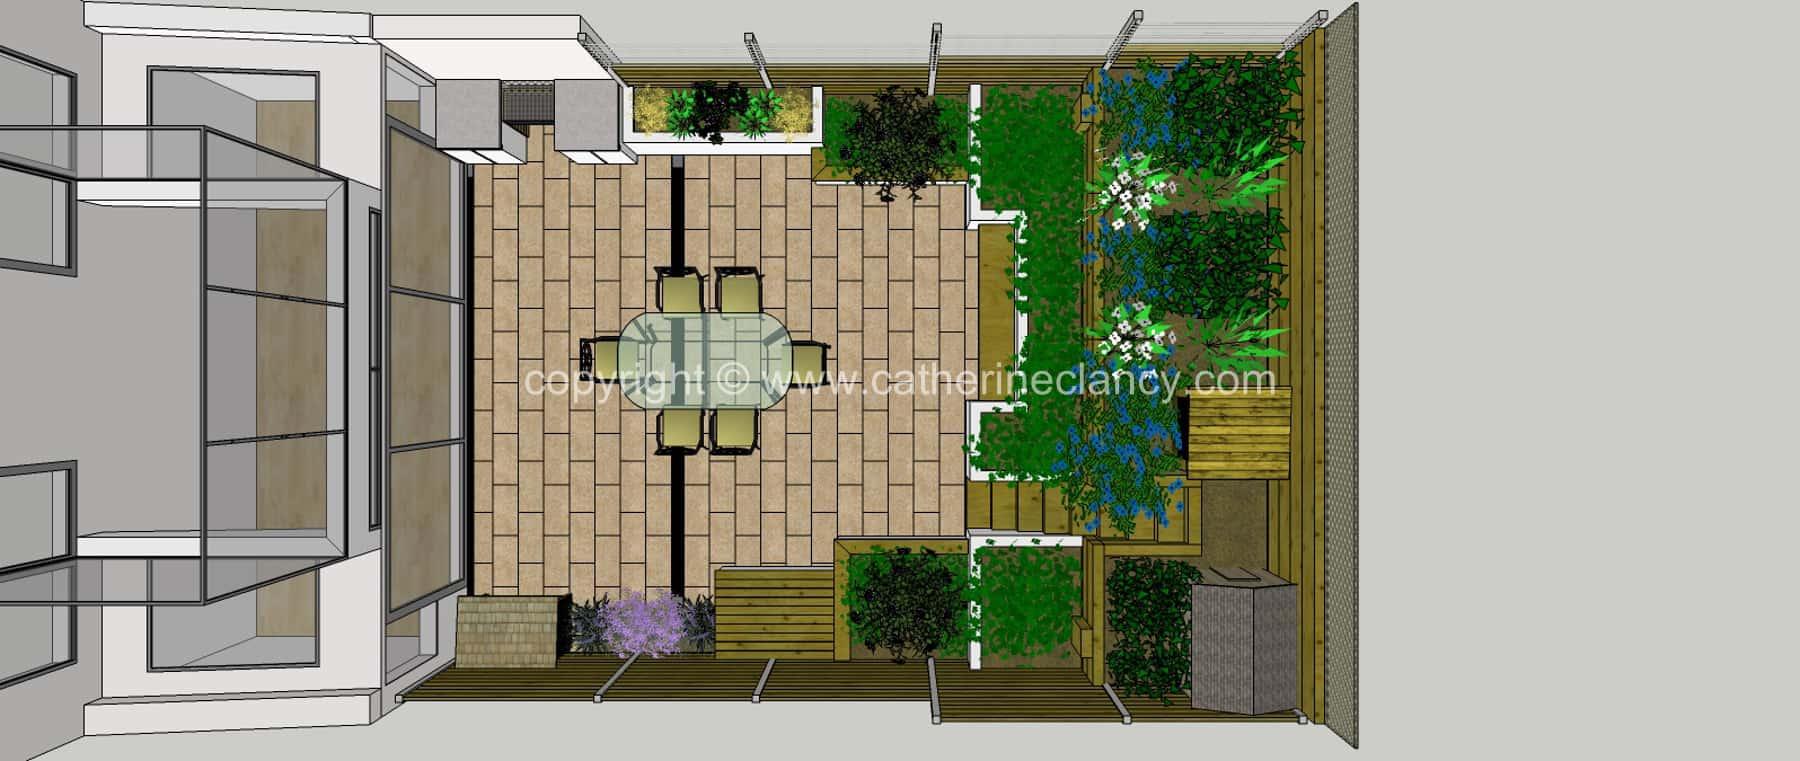 kitchen-garden-10